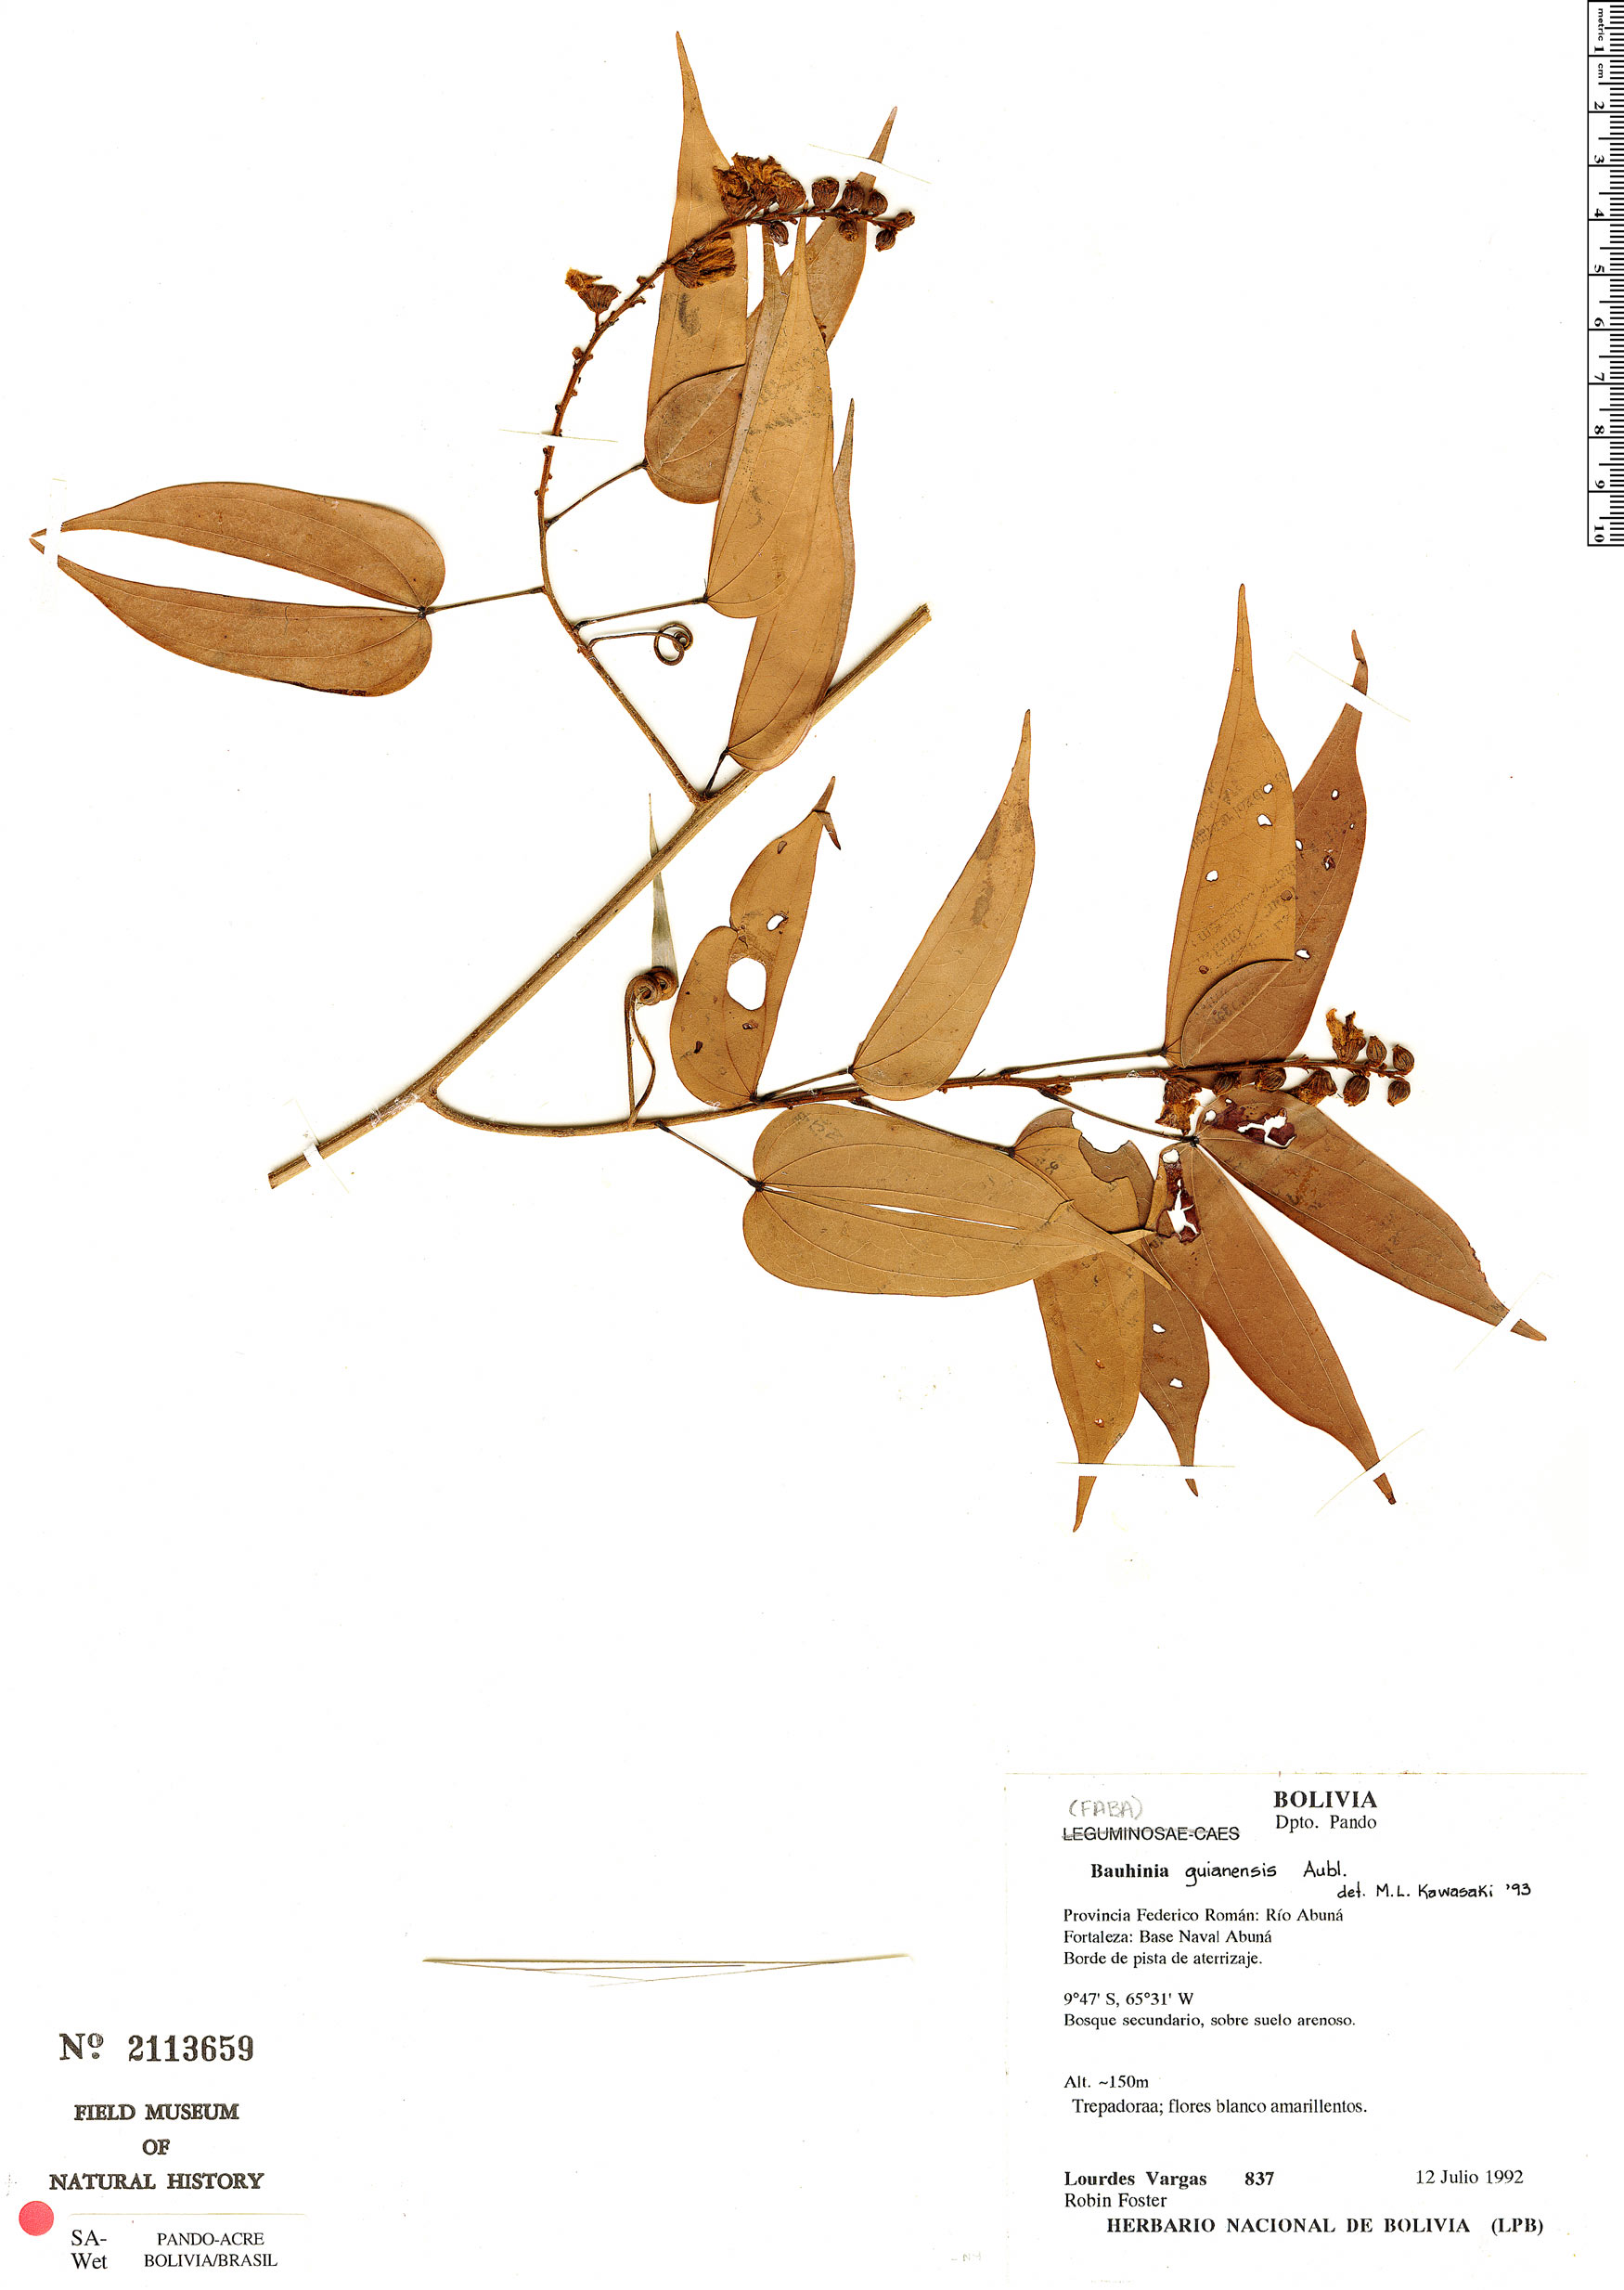 Specimen: Schnella guianensis